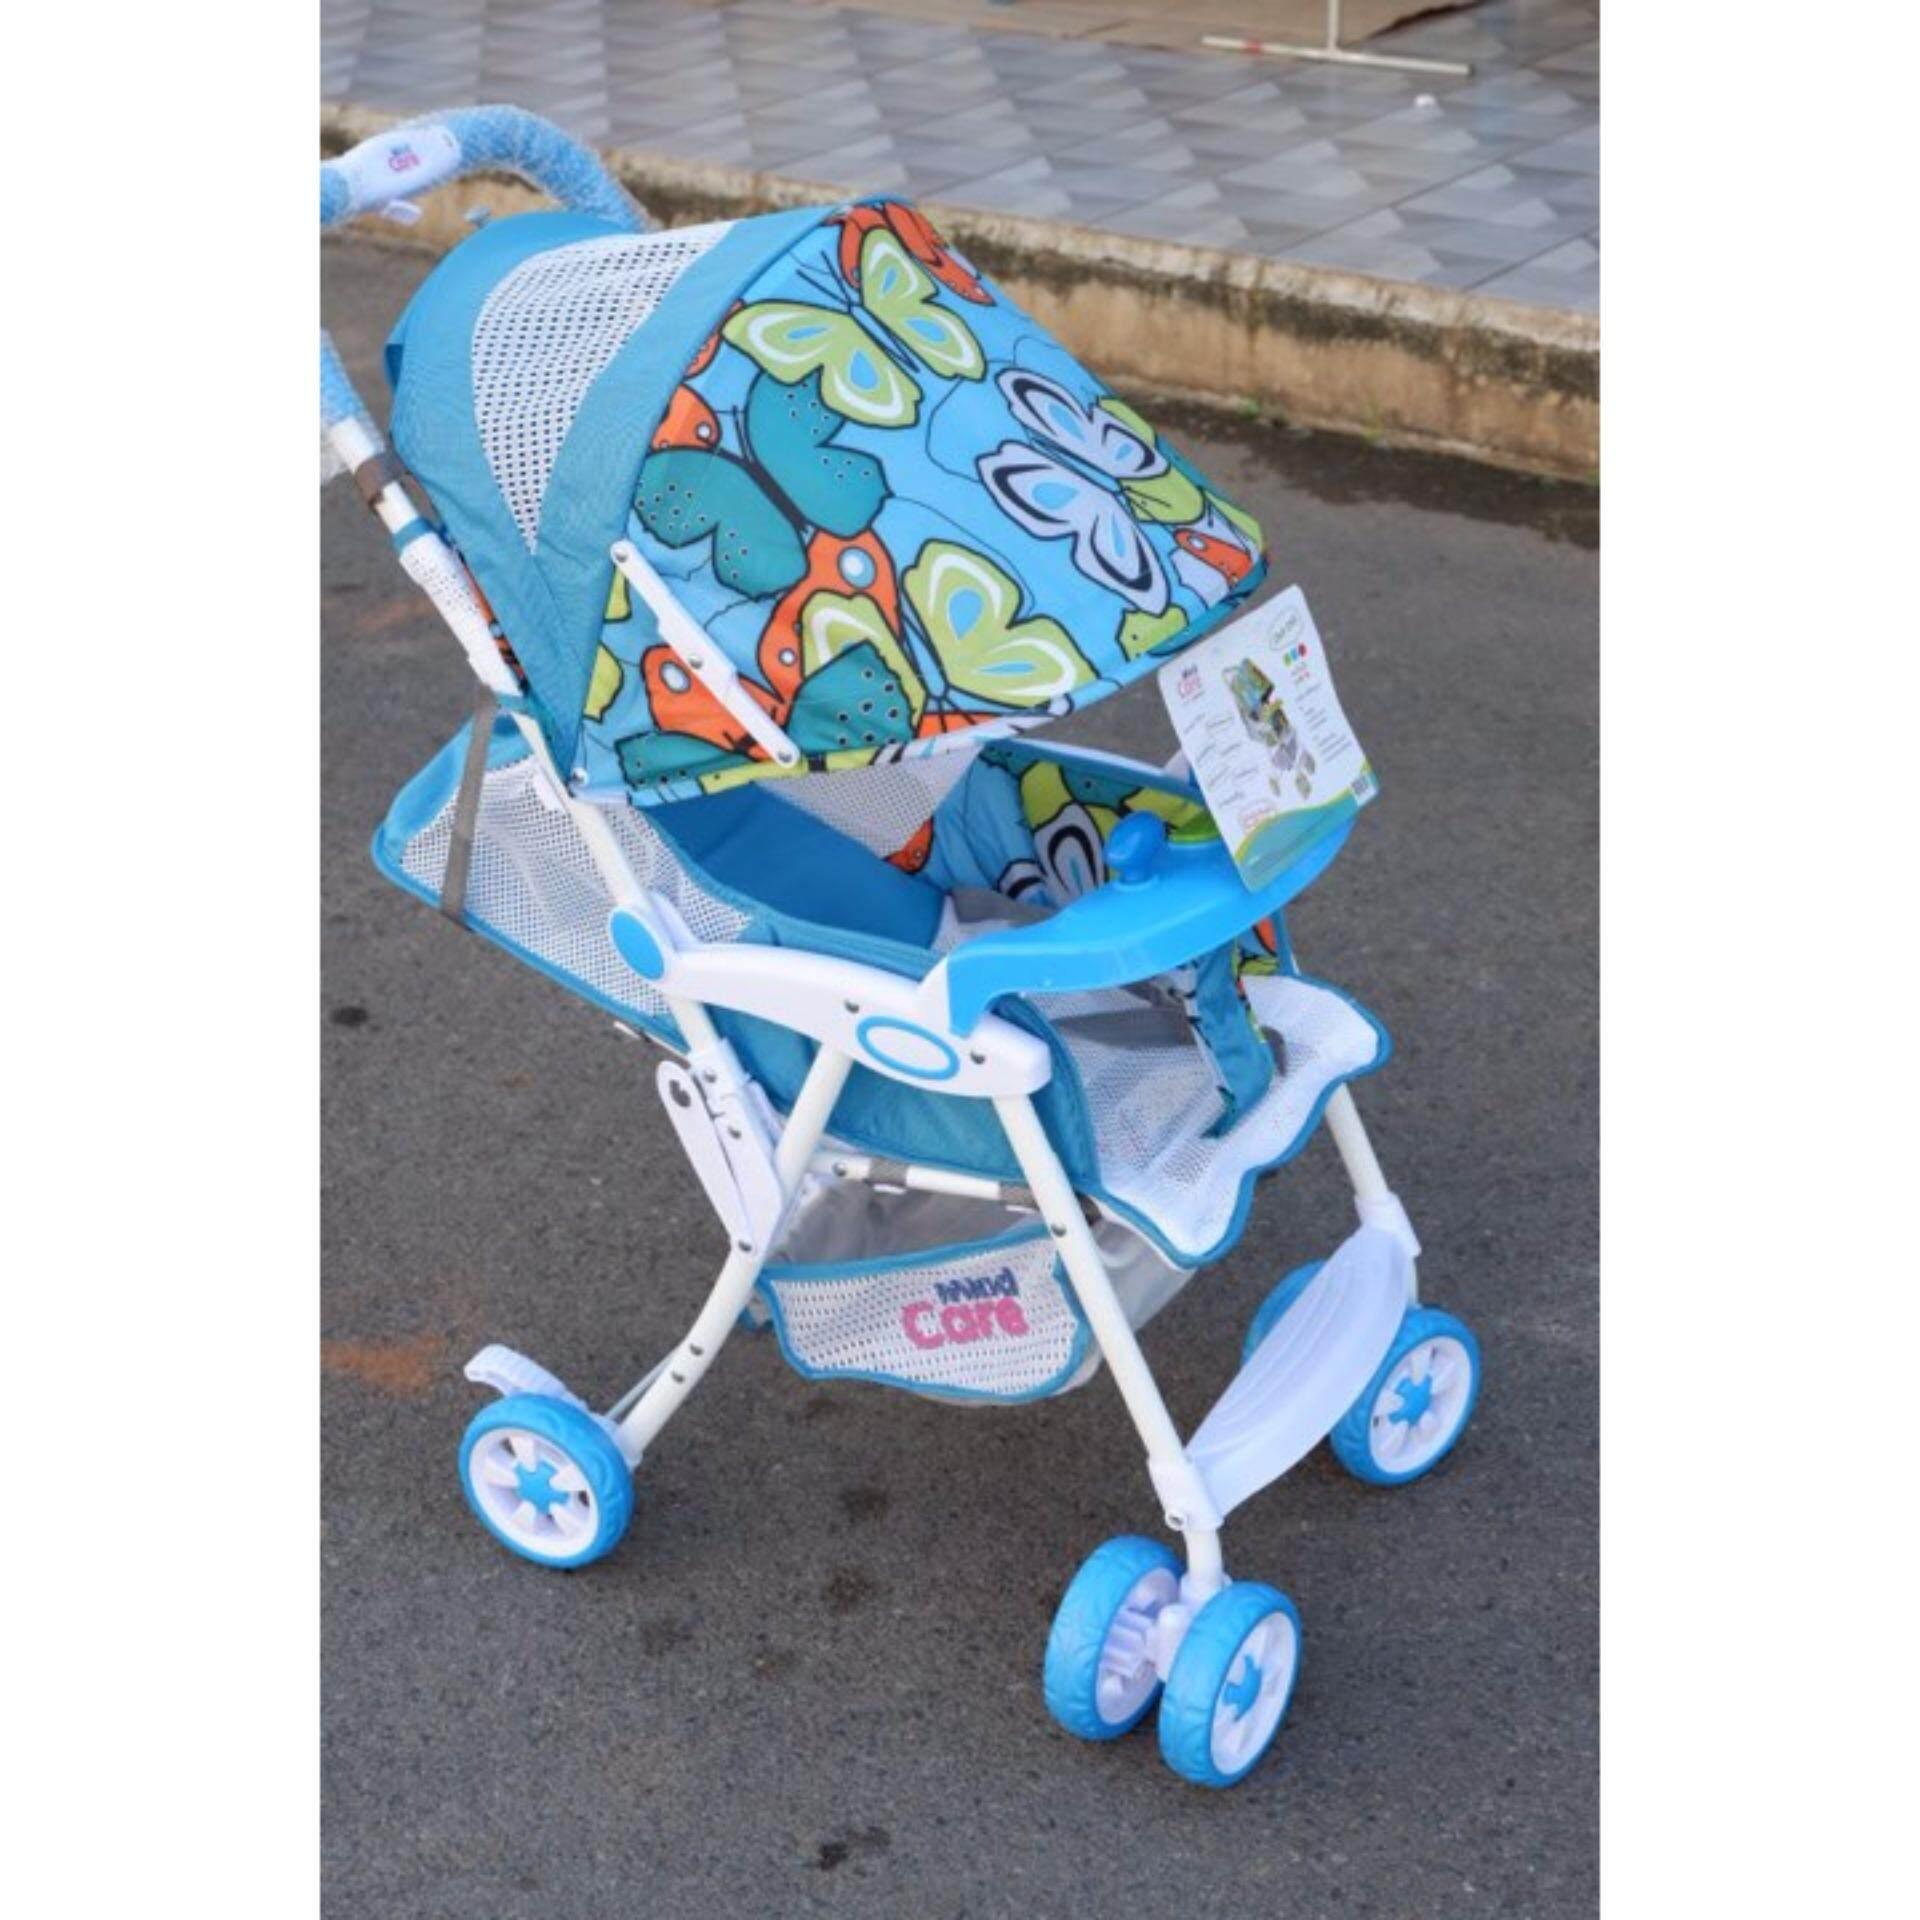 ลดราคา Babymari รถเข็นเด็กแบบนอน Babymari รถเข็นเด็กพับเล็ก รถเข็นเด็กน้ำหนักเบา รถเข็นเด็กขนาดพกพา รุ่นขายดี สีชมพู ขายถูกที่สุดแล้ว